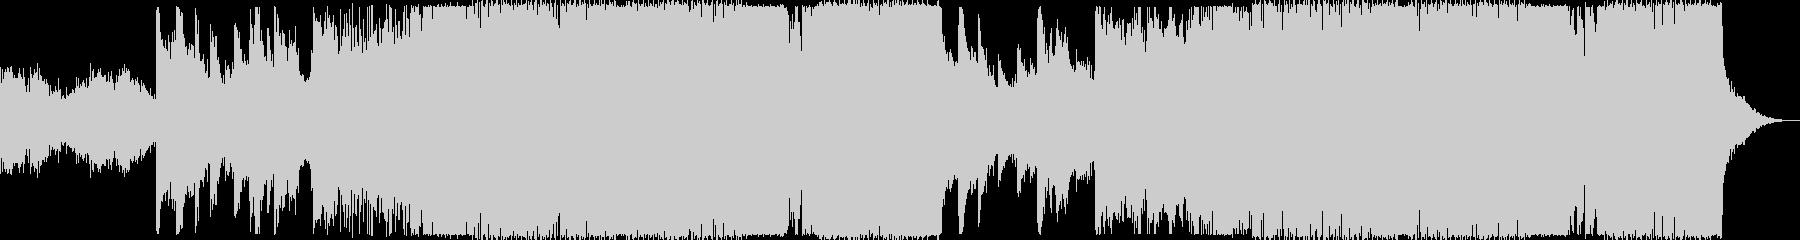 とにかくキレイなドラムンベースの未再生の波形